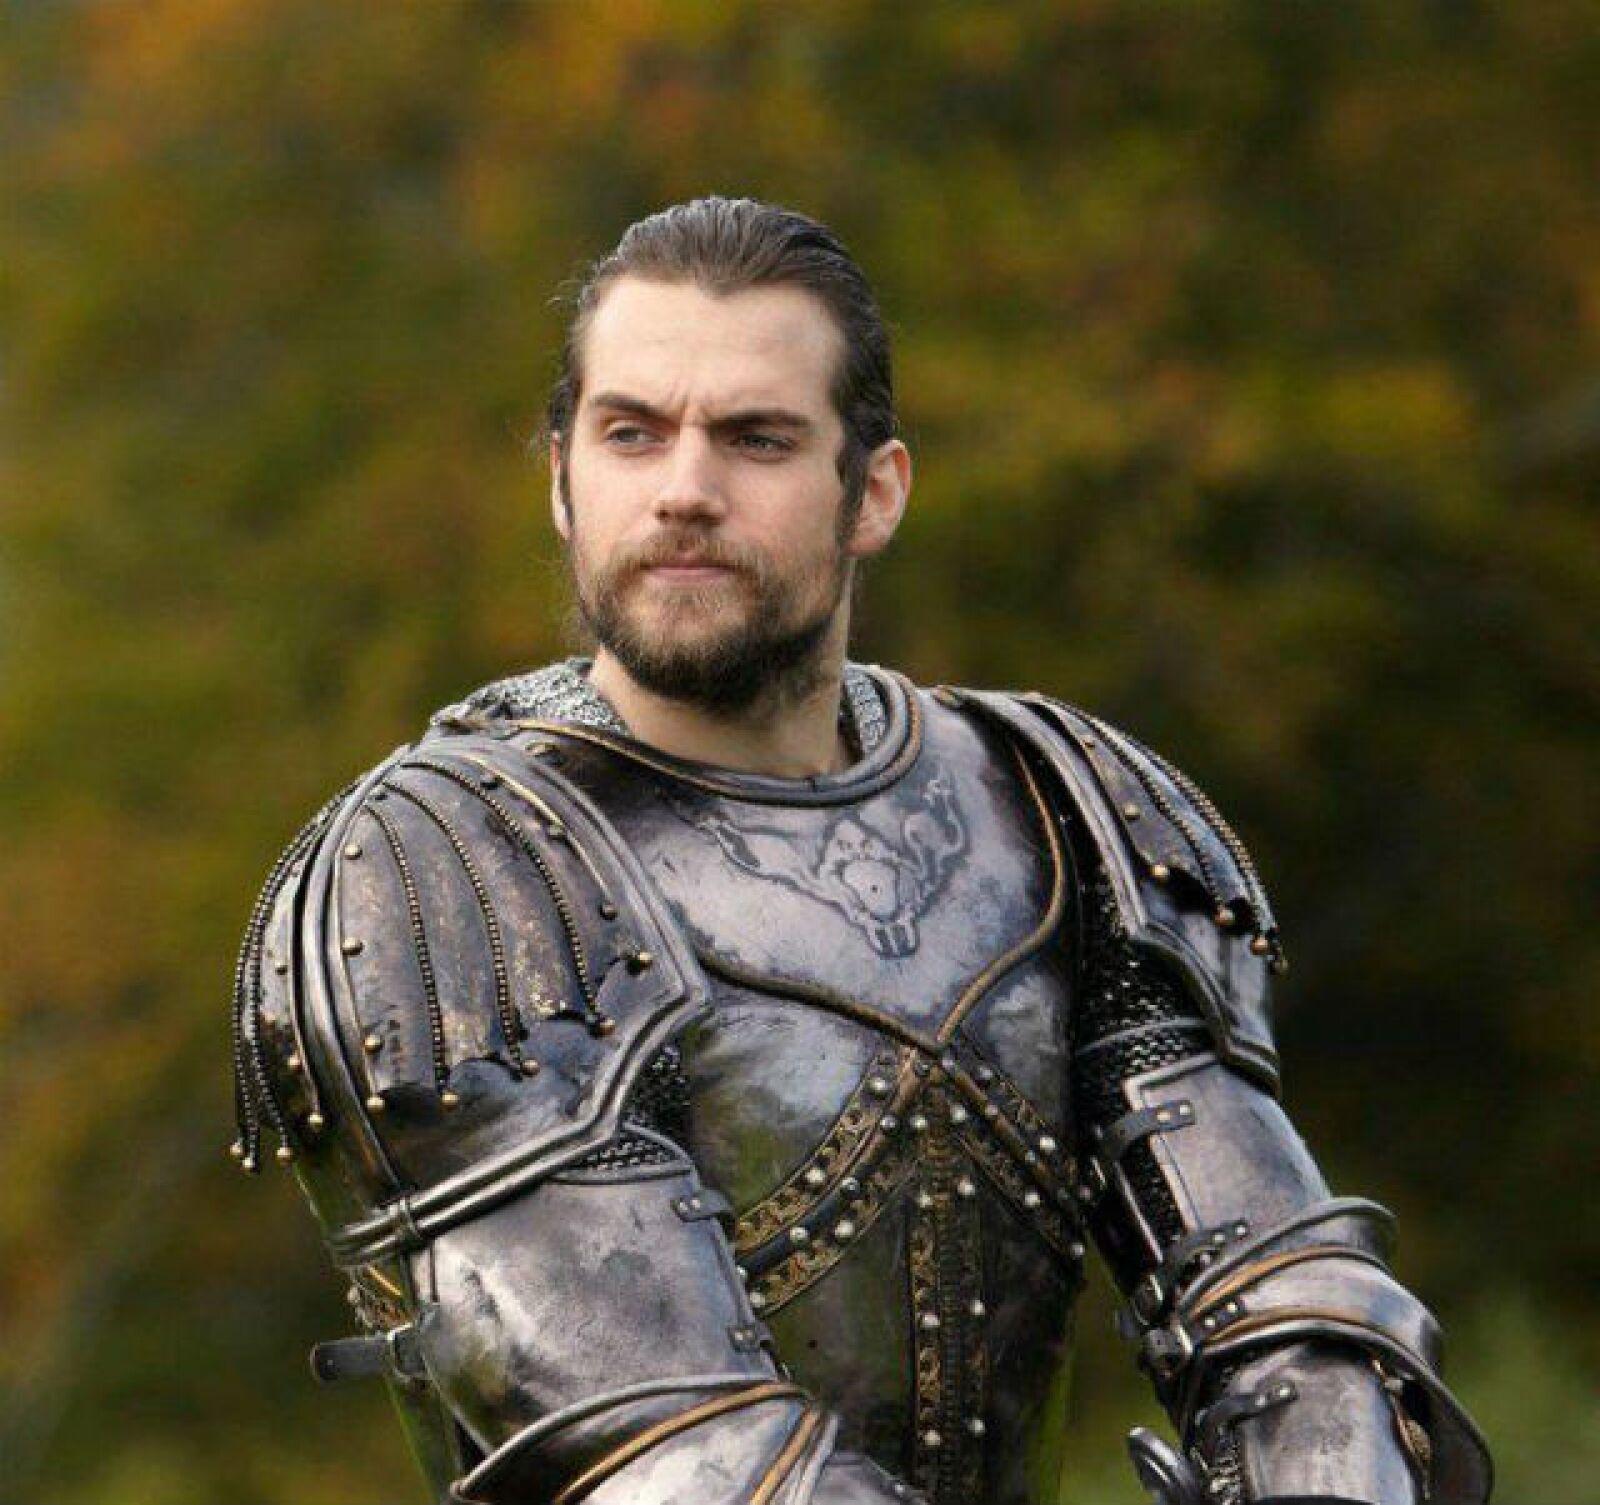 El actor en una escena de la cuarta temporada de The Tudors.